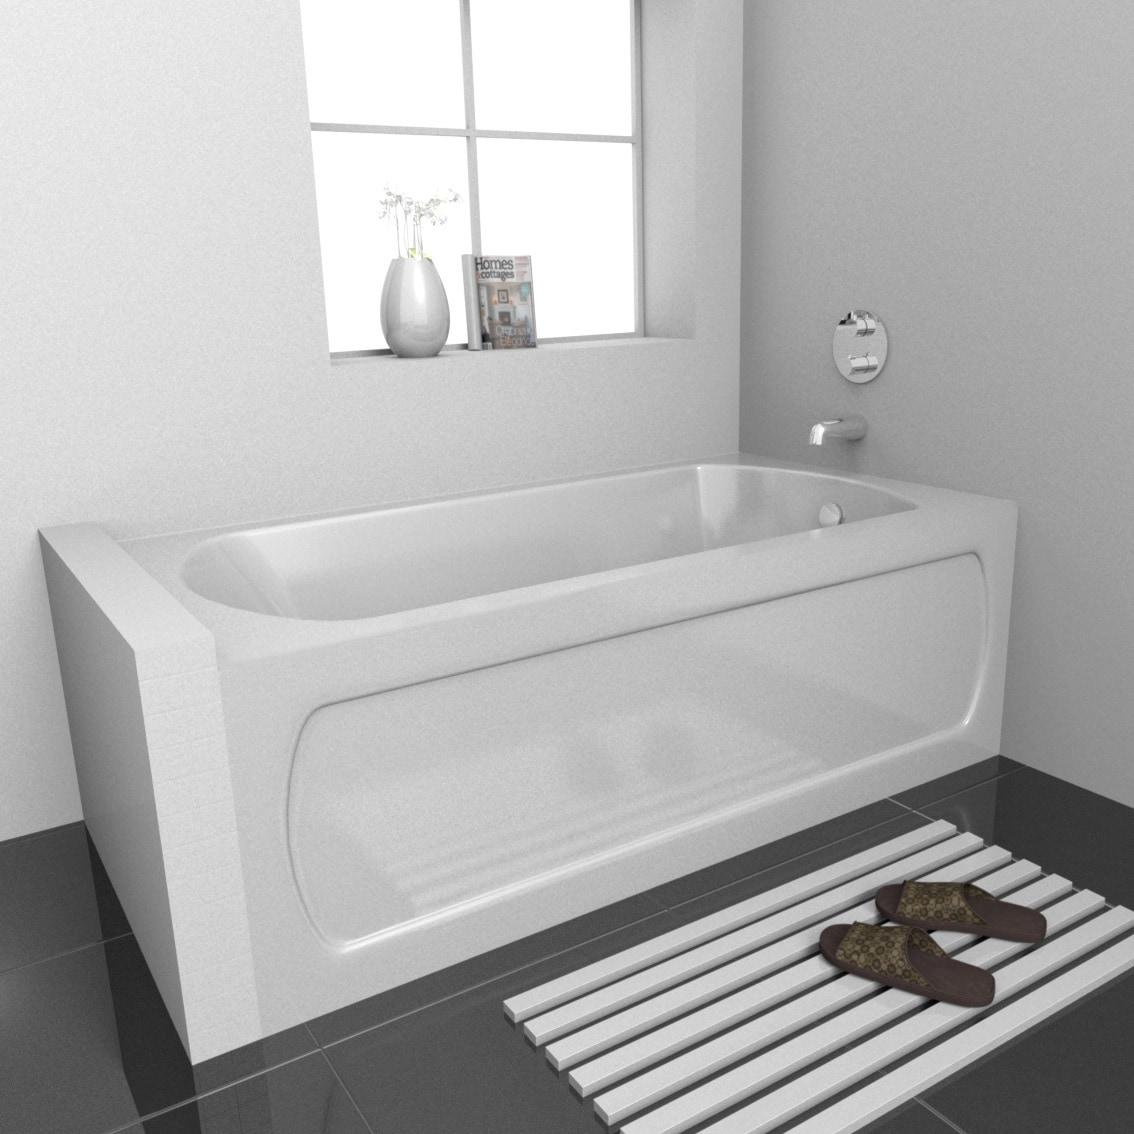 High Gloss Acrylic / Rectangular OSHA 6032 skirted bathtub in high-gloss acrylic 0